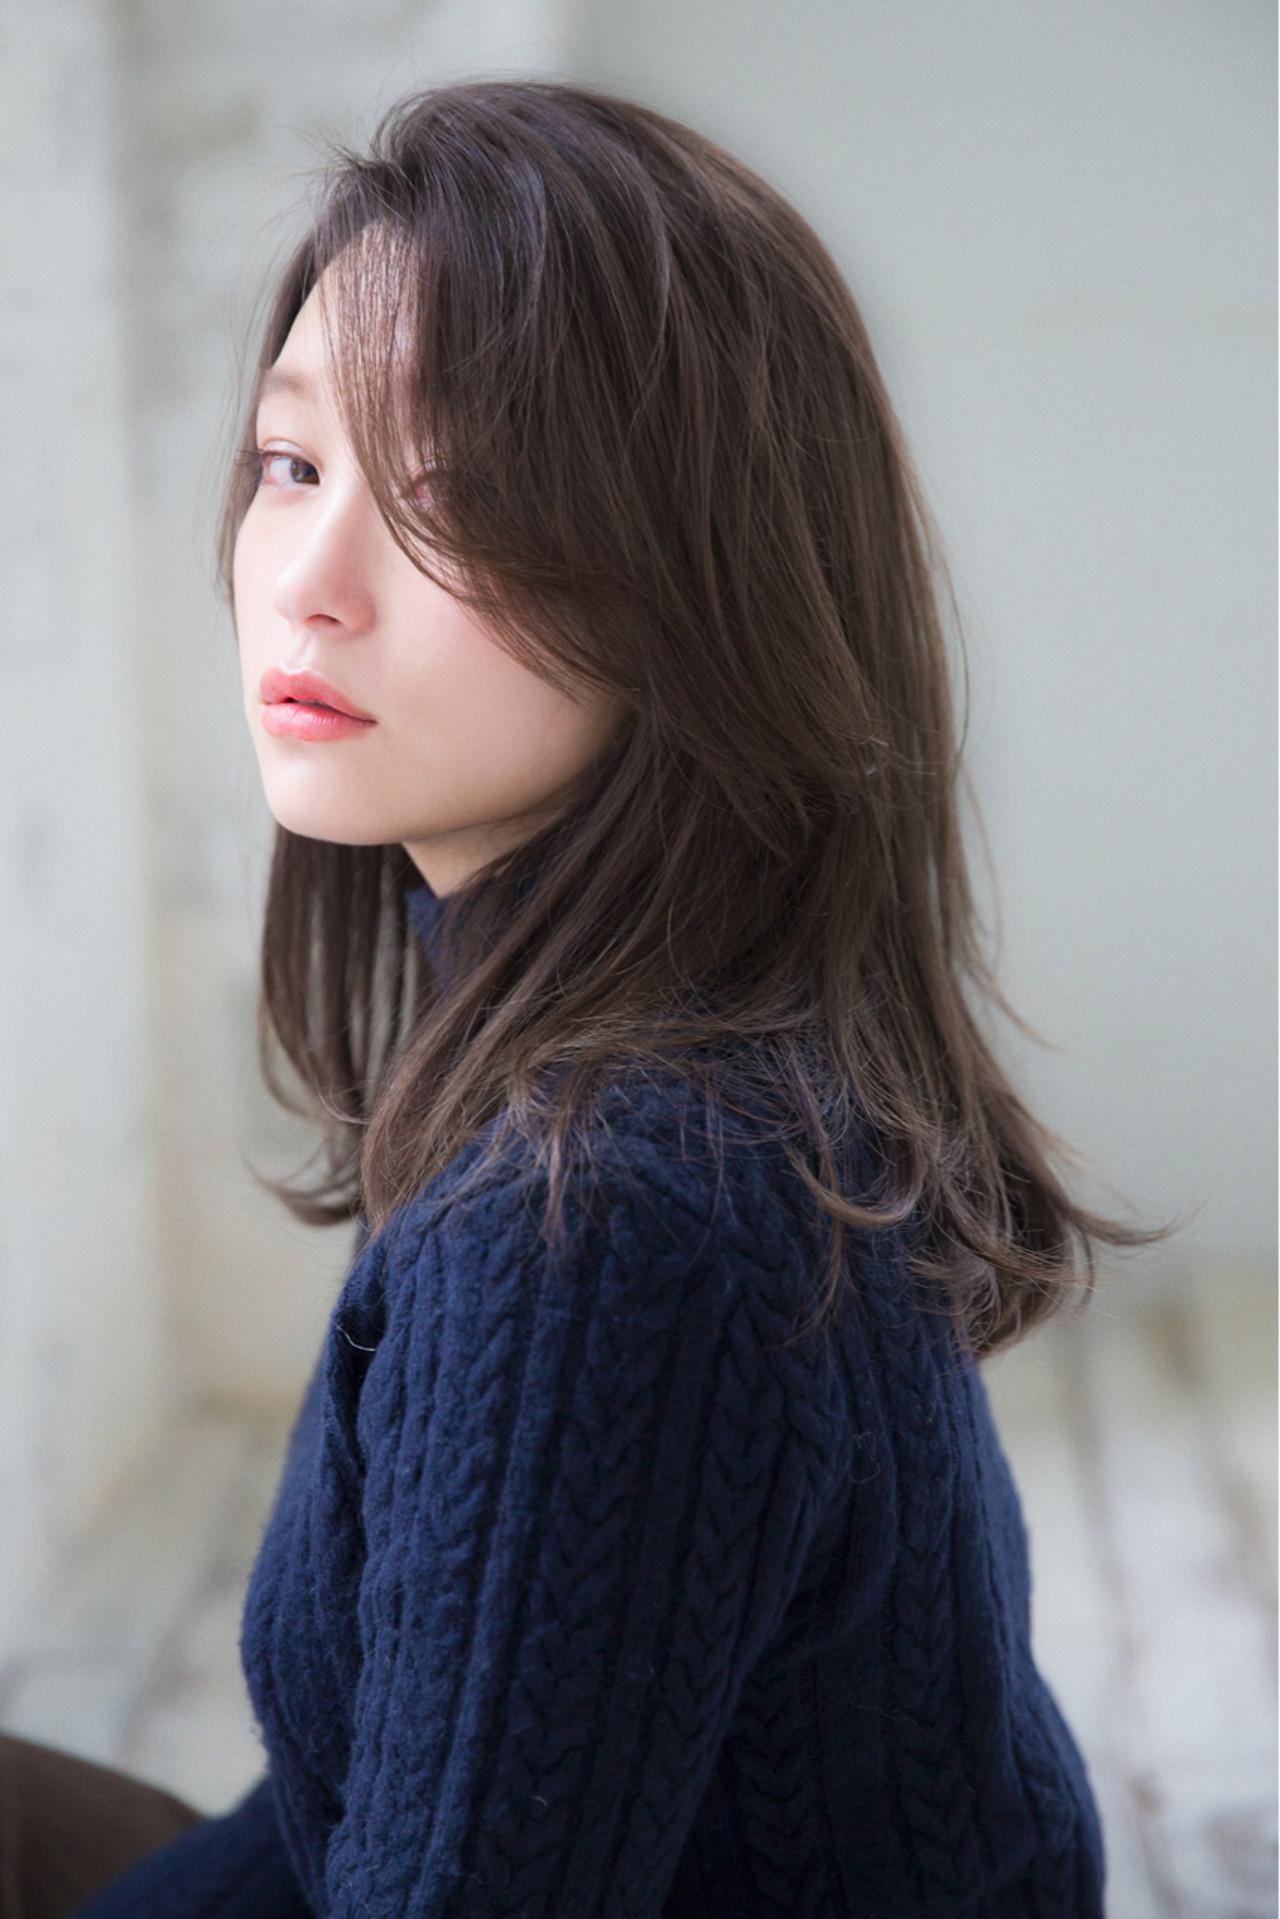 アンニュイ前髪の小顔似合わせヘア joemi by unami 森千里